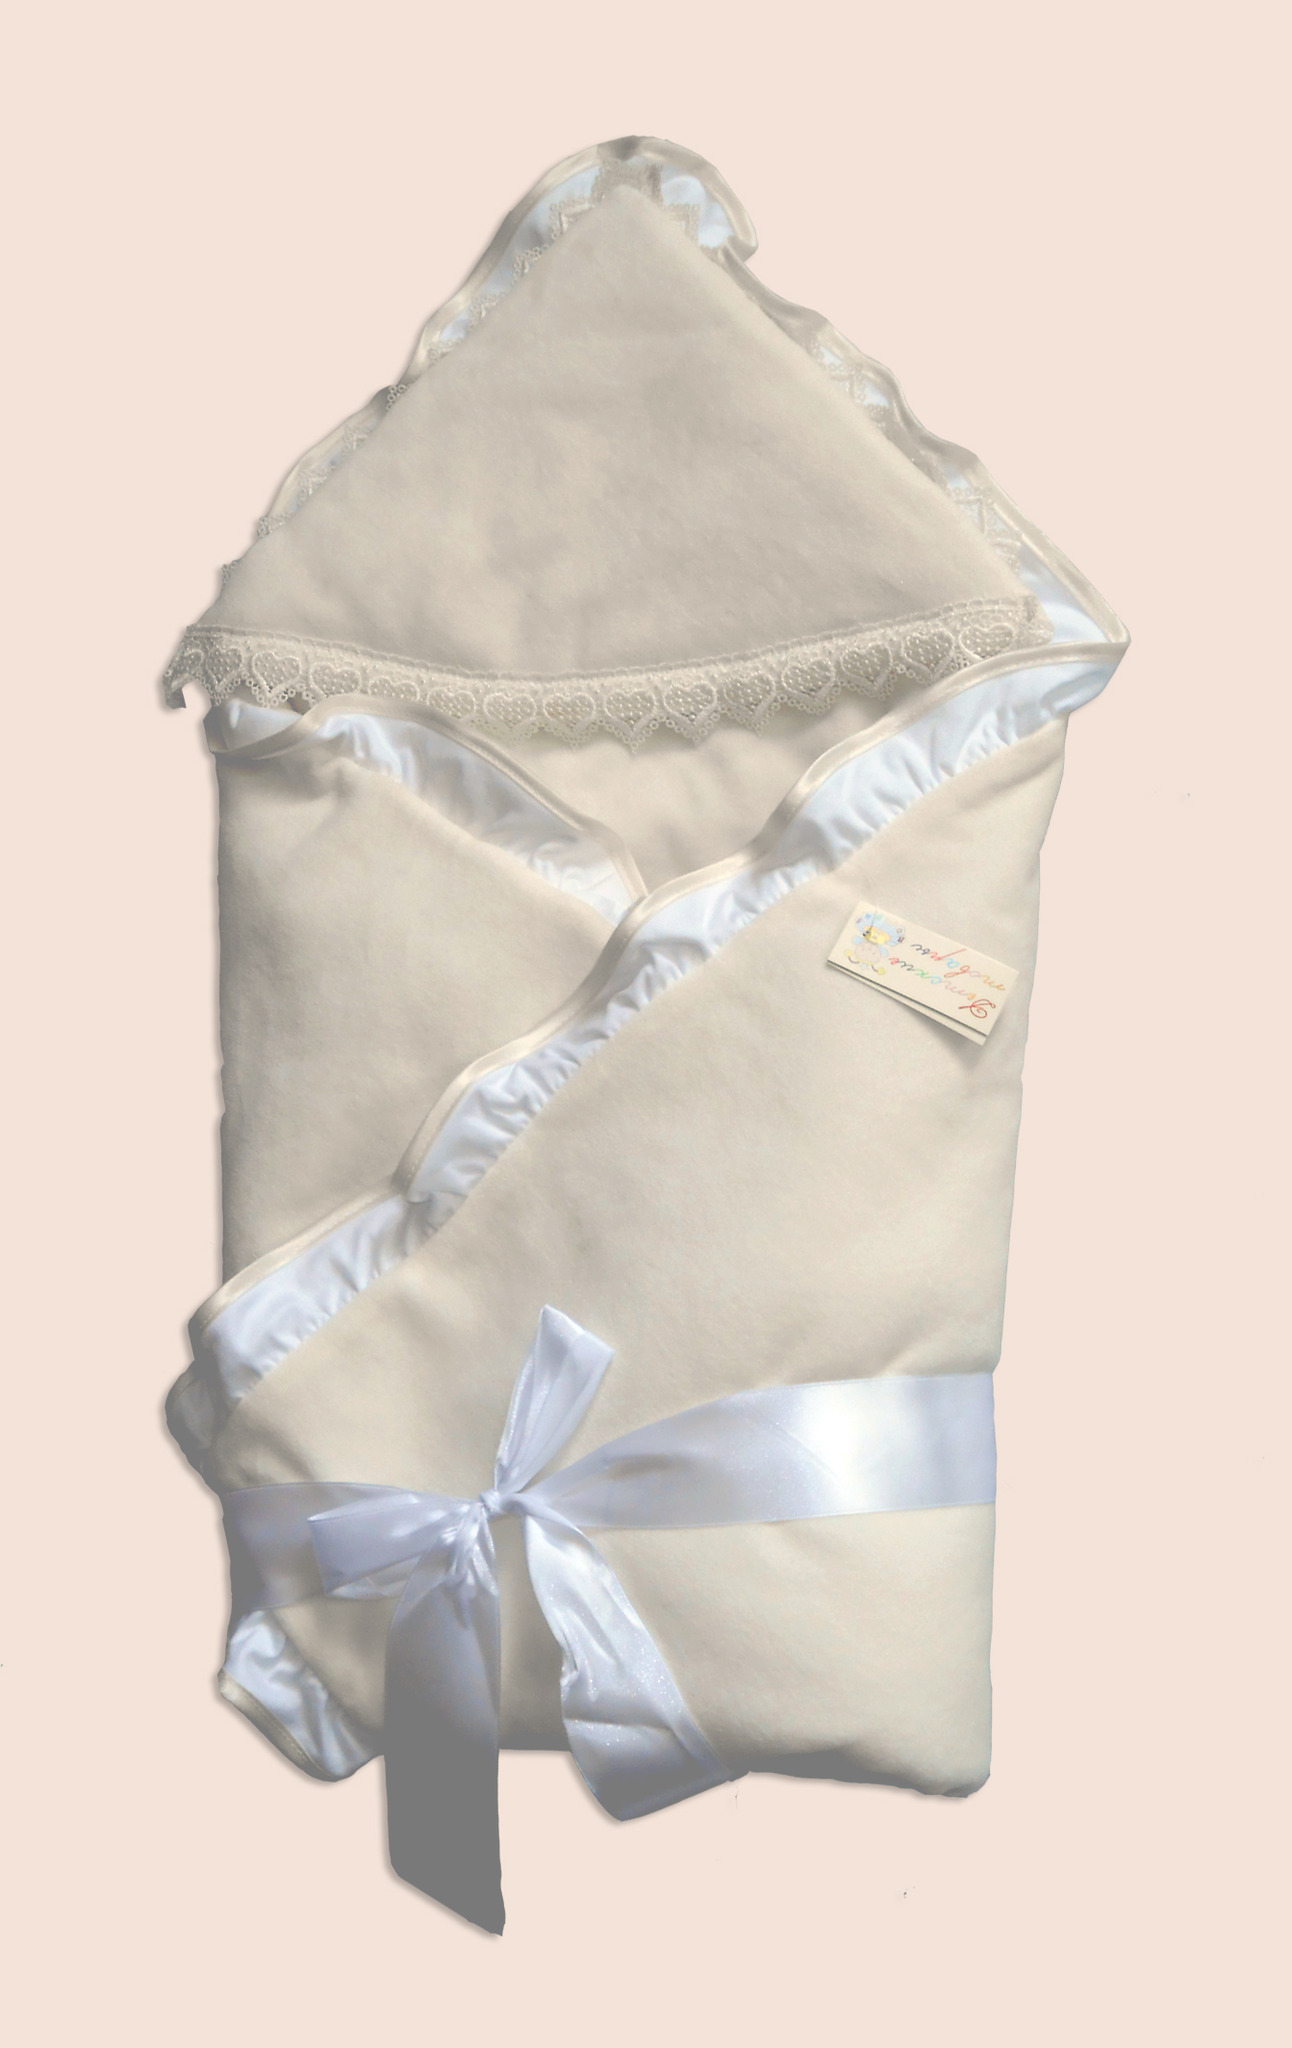 Одеяло на выписку – Малютка, велюр, бежевыйДетские Конверты<br>Одеяло на выписку – Малютка, велюр, бежевый<br>